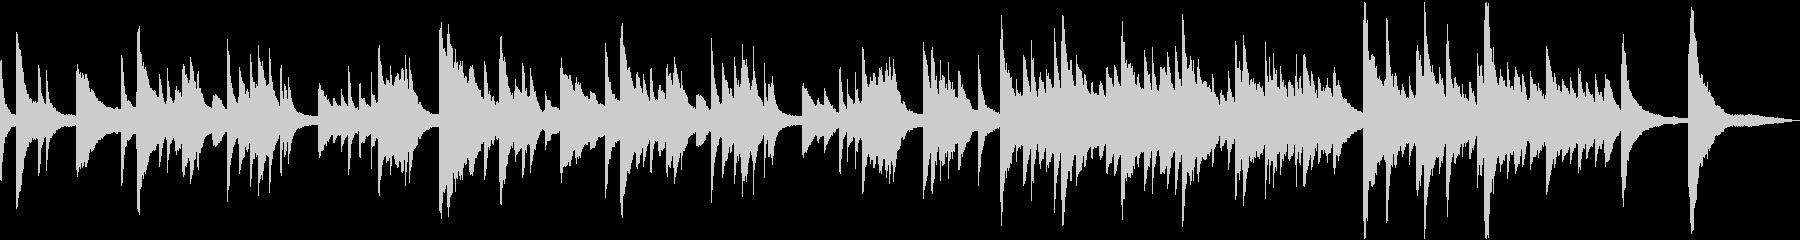 美しいソロ・ピアノ曲の未再生の波形